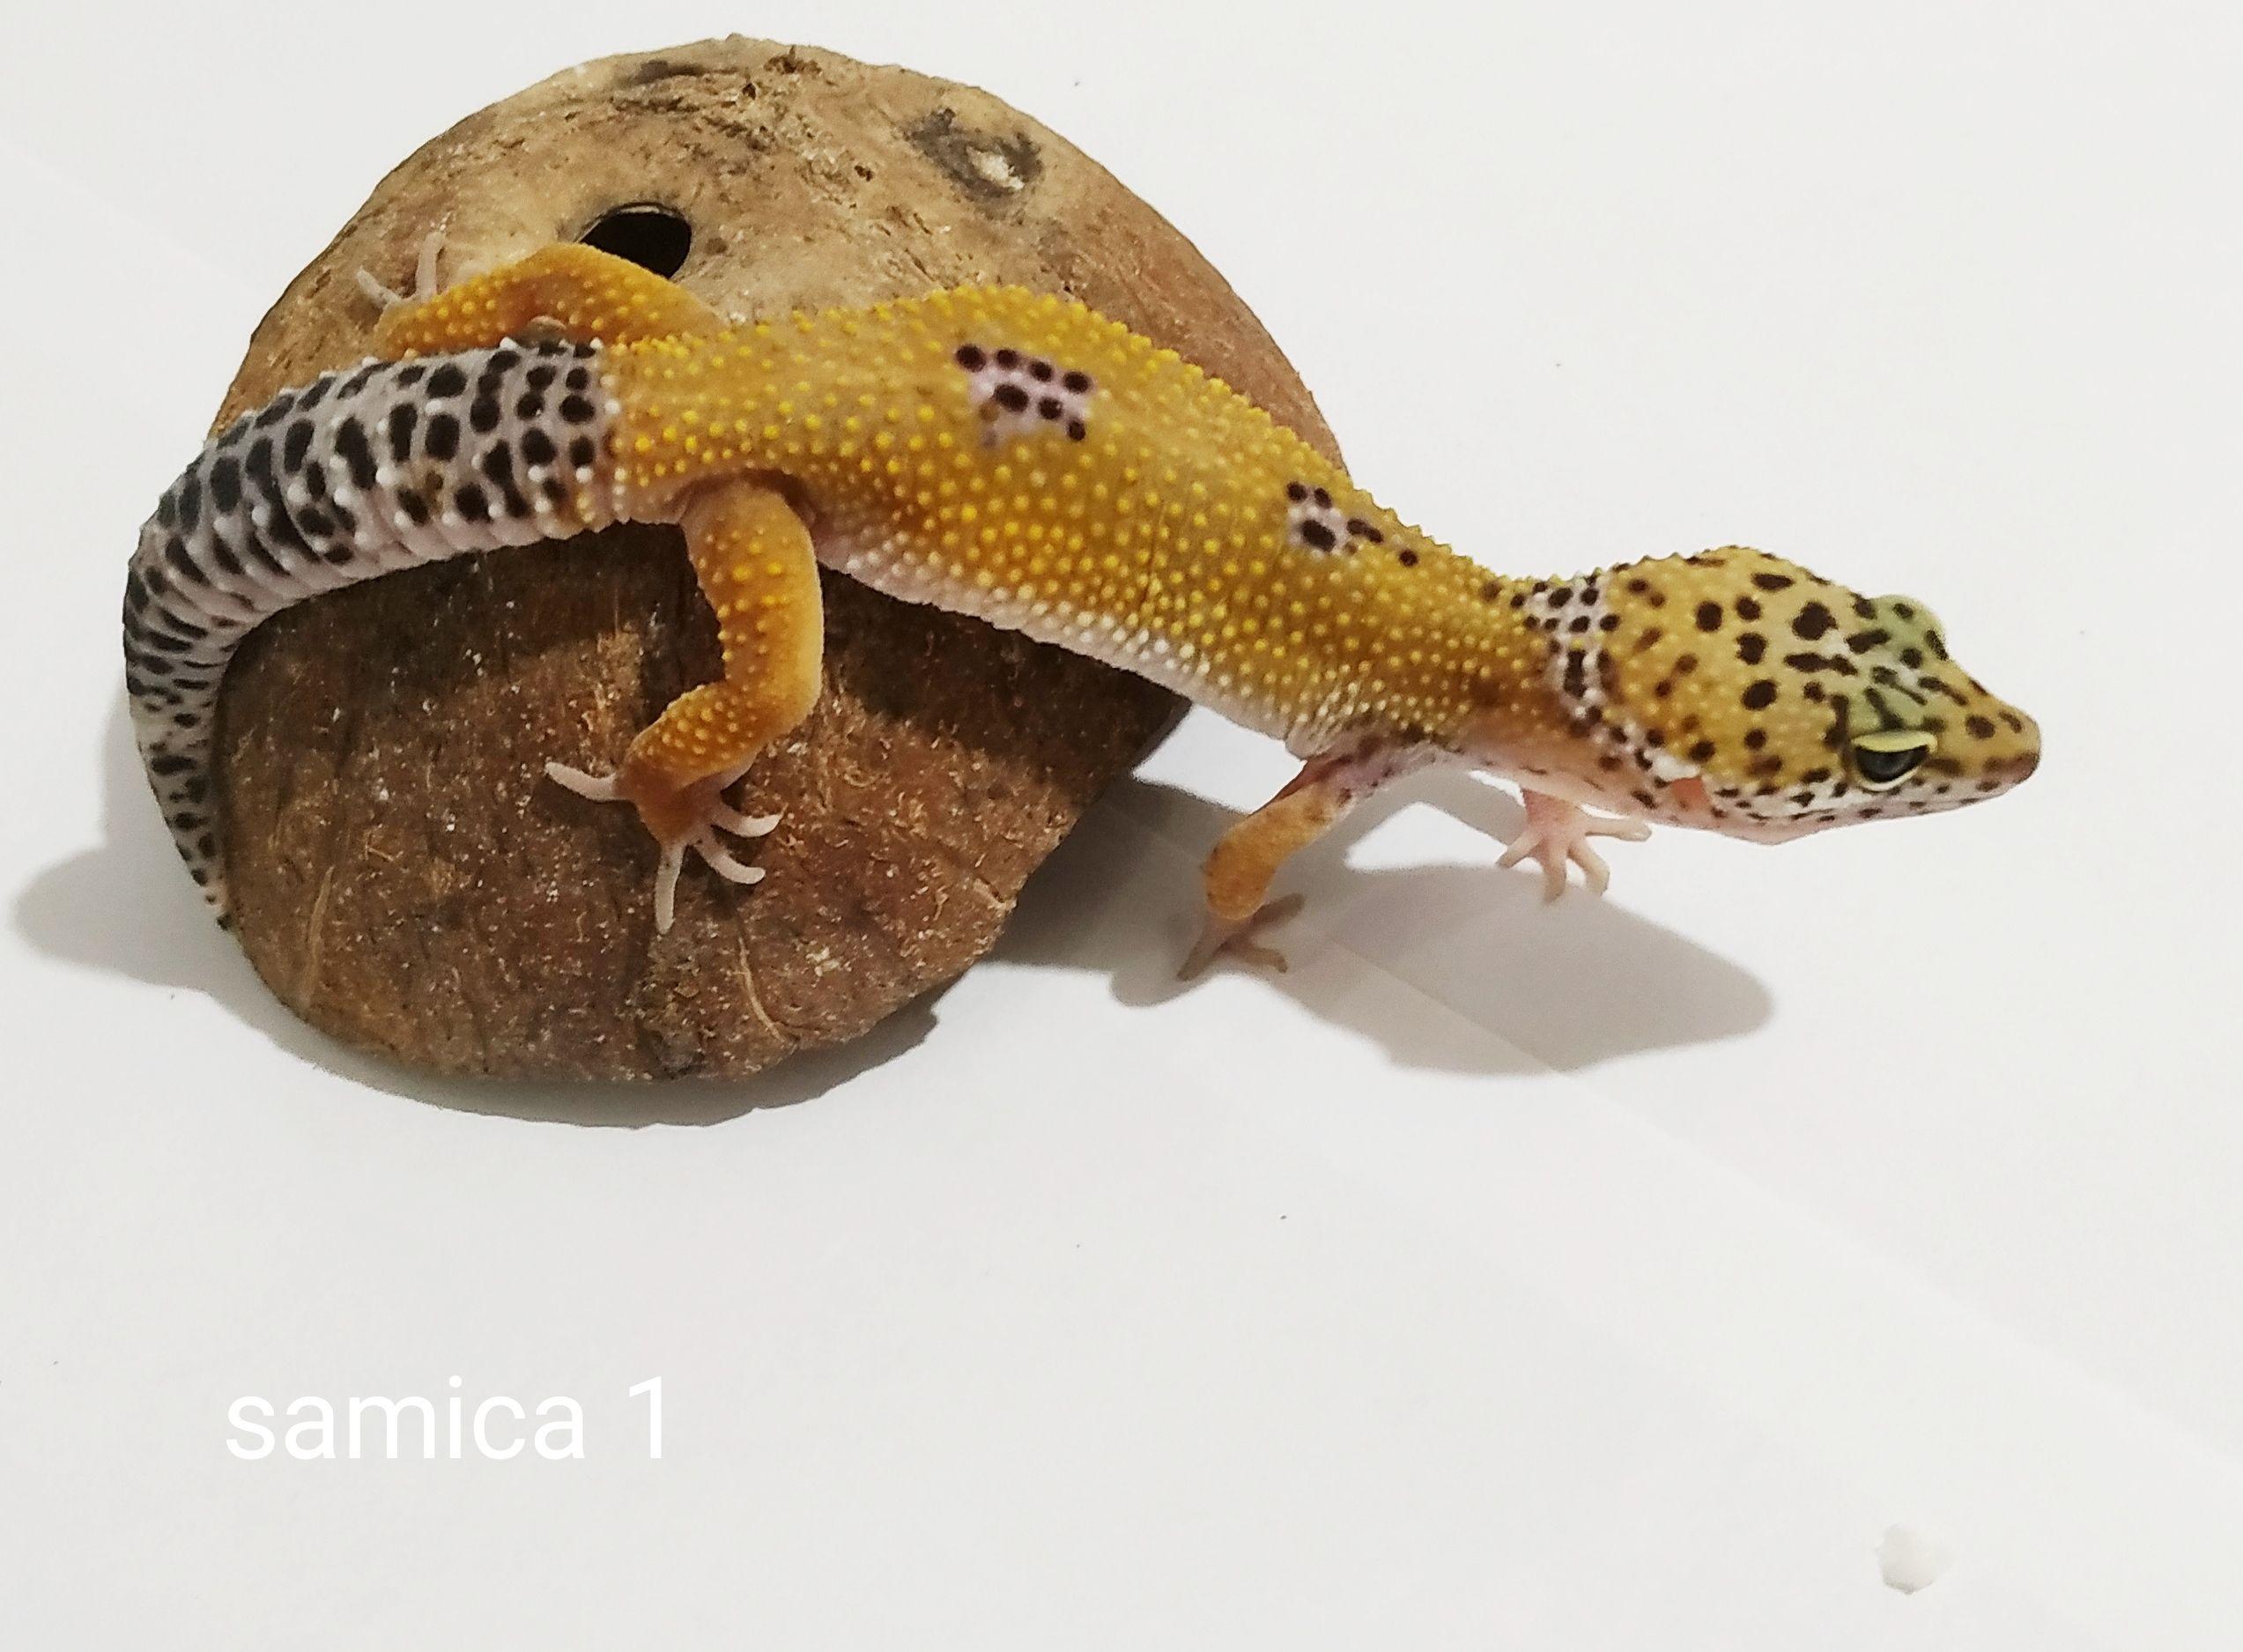 Mała samica gekona lamparciego hypo (żółta) siedzi na kokosie